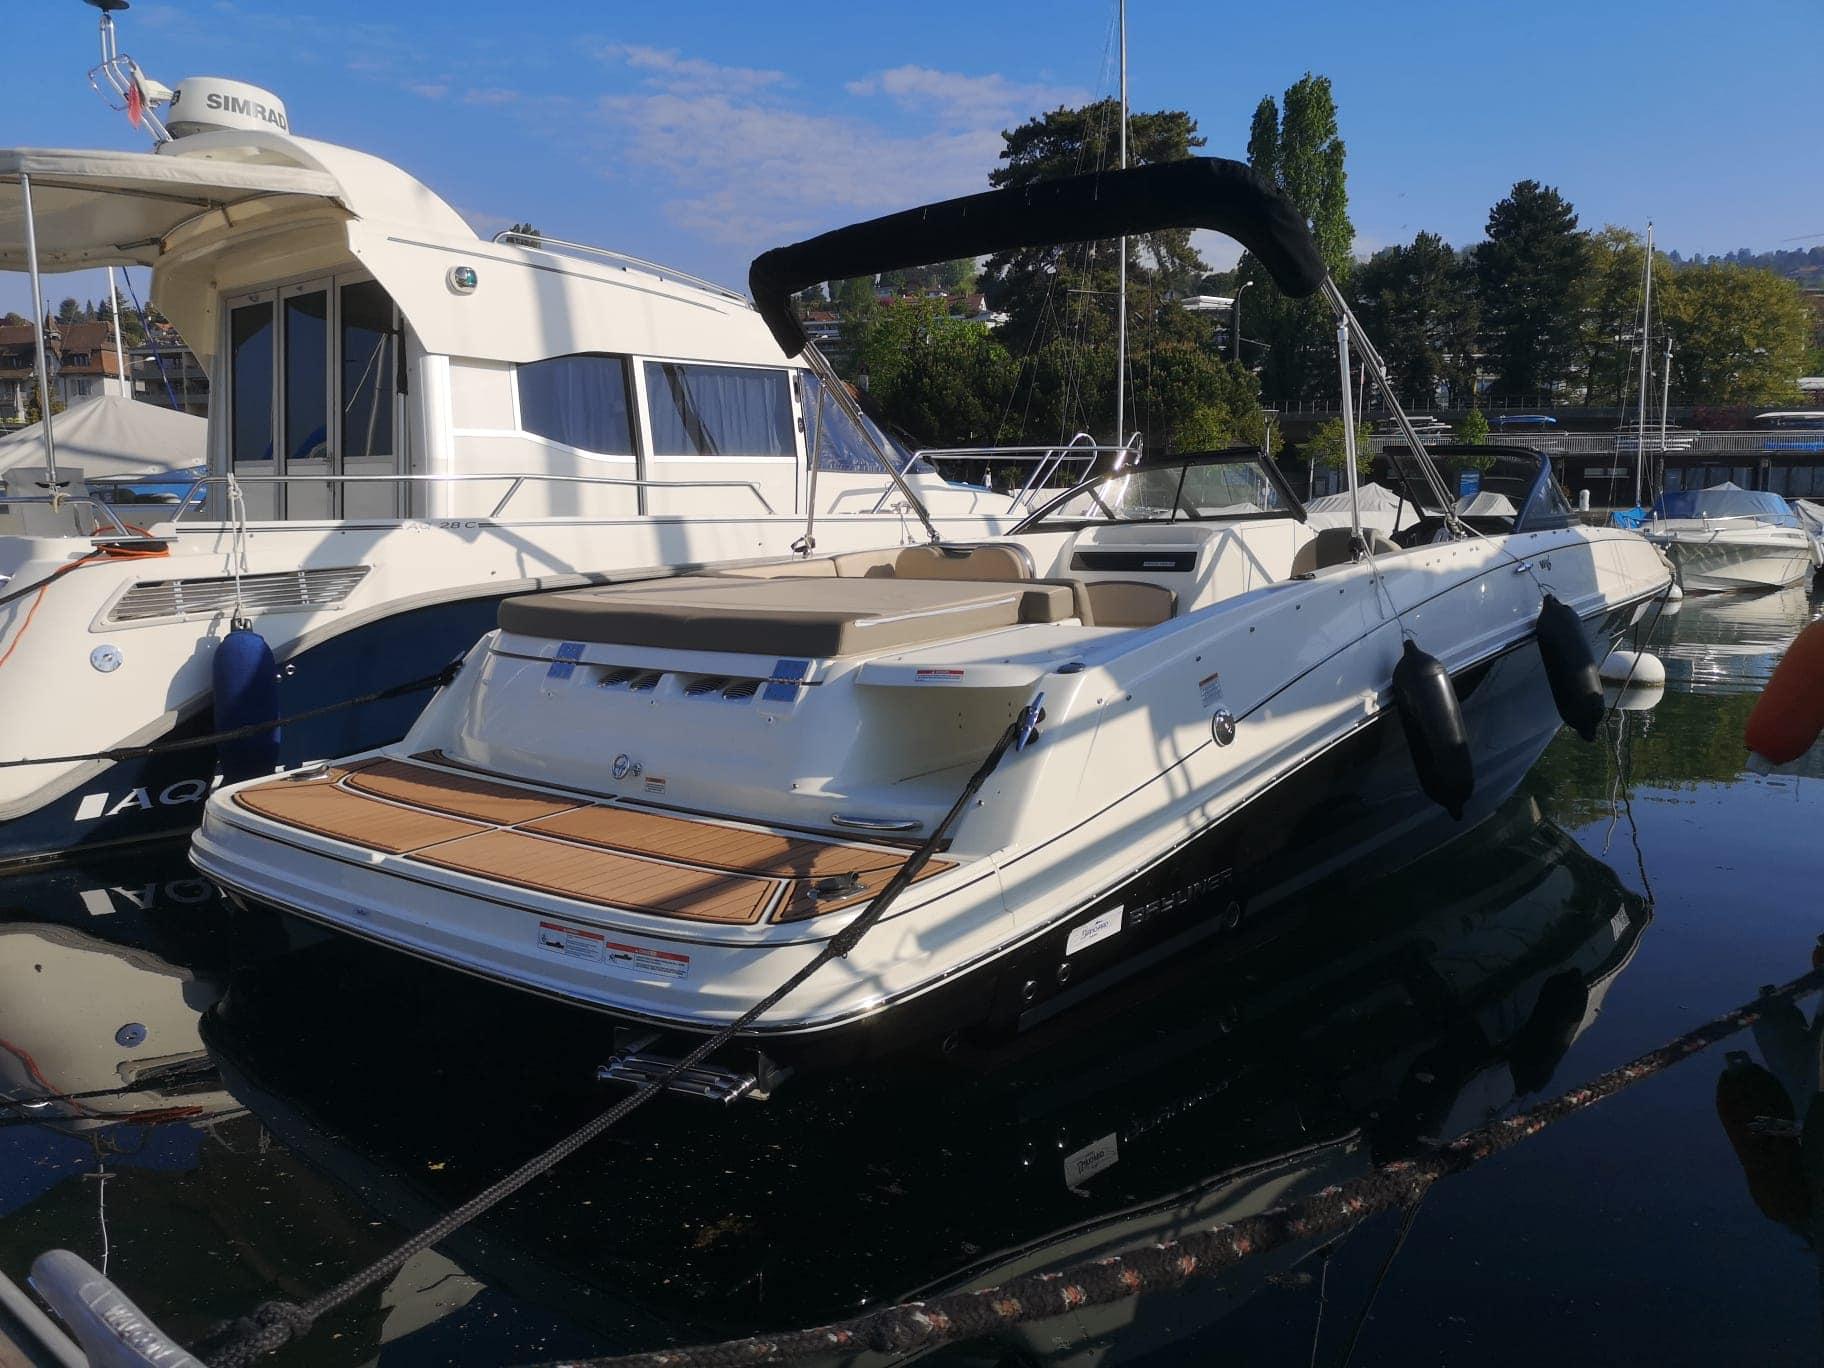 Location bateau lac leman permis baylier vr6 lausanne geneve villeneuve montreux vevey lutry pully port vaud suisse (7)